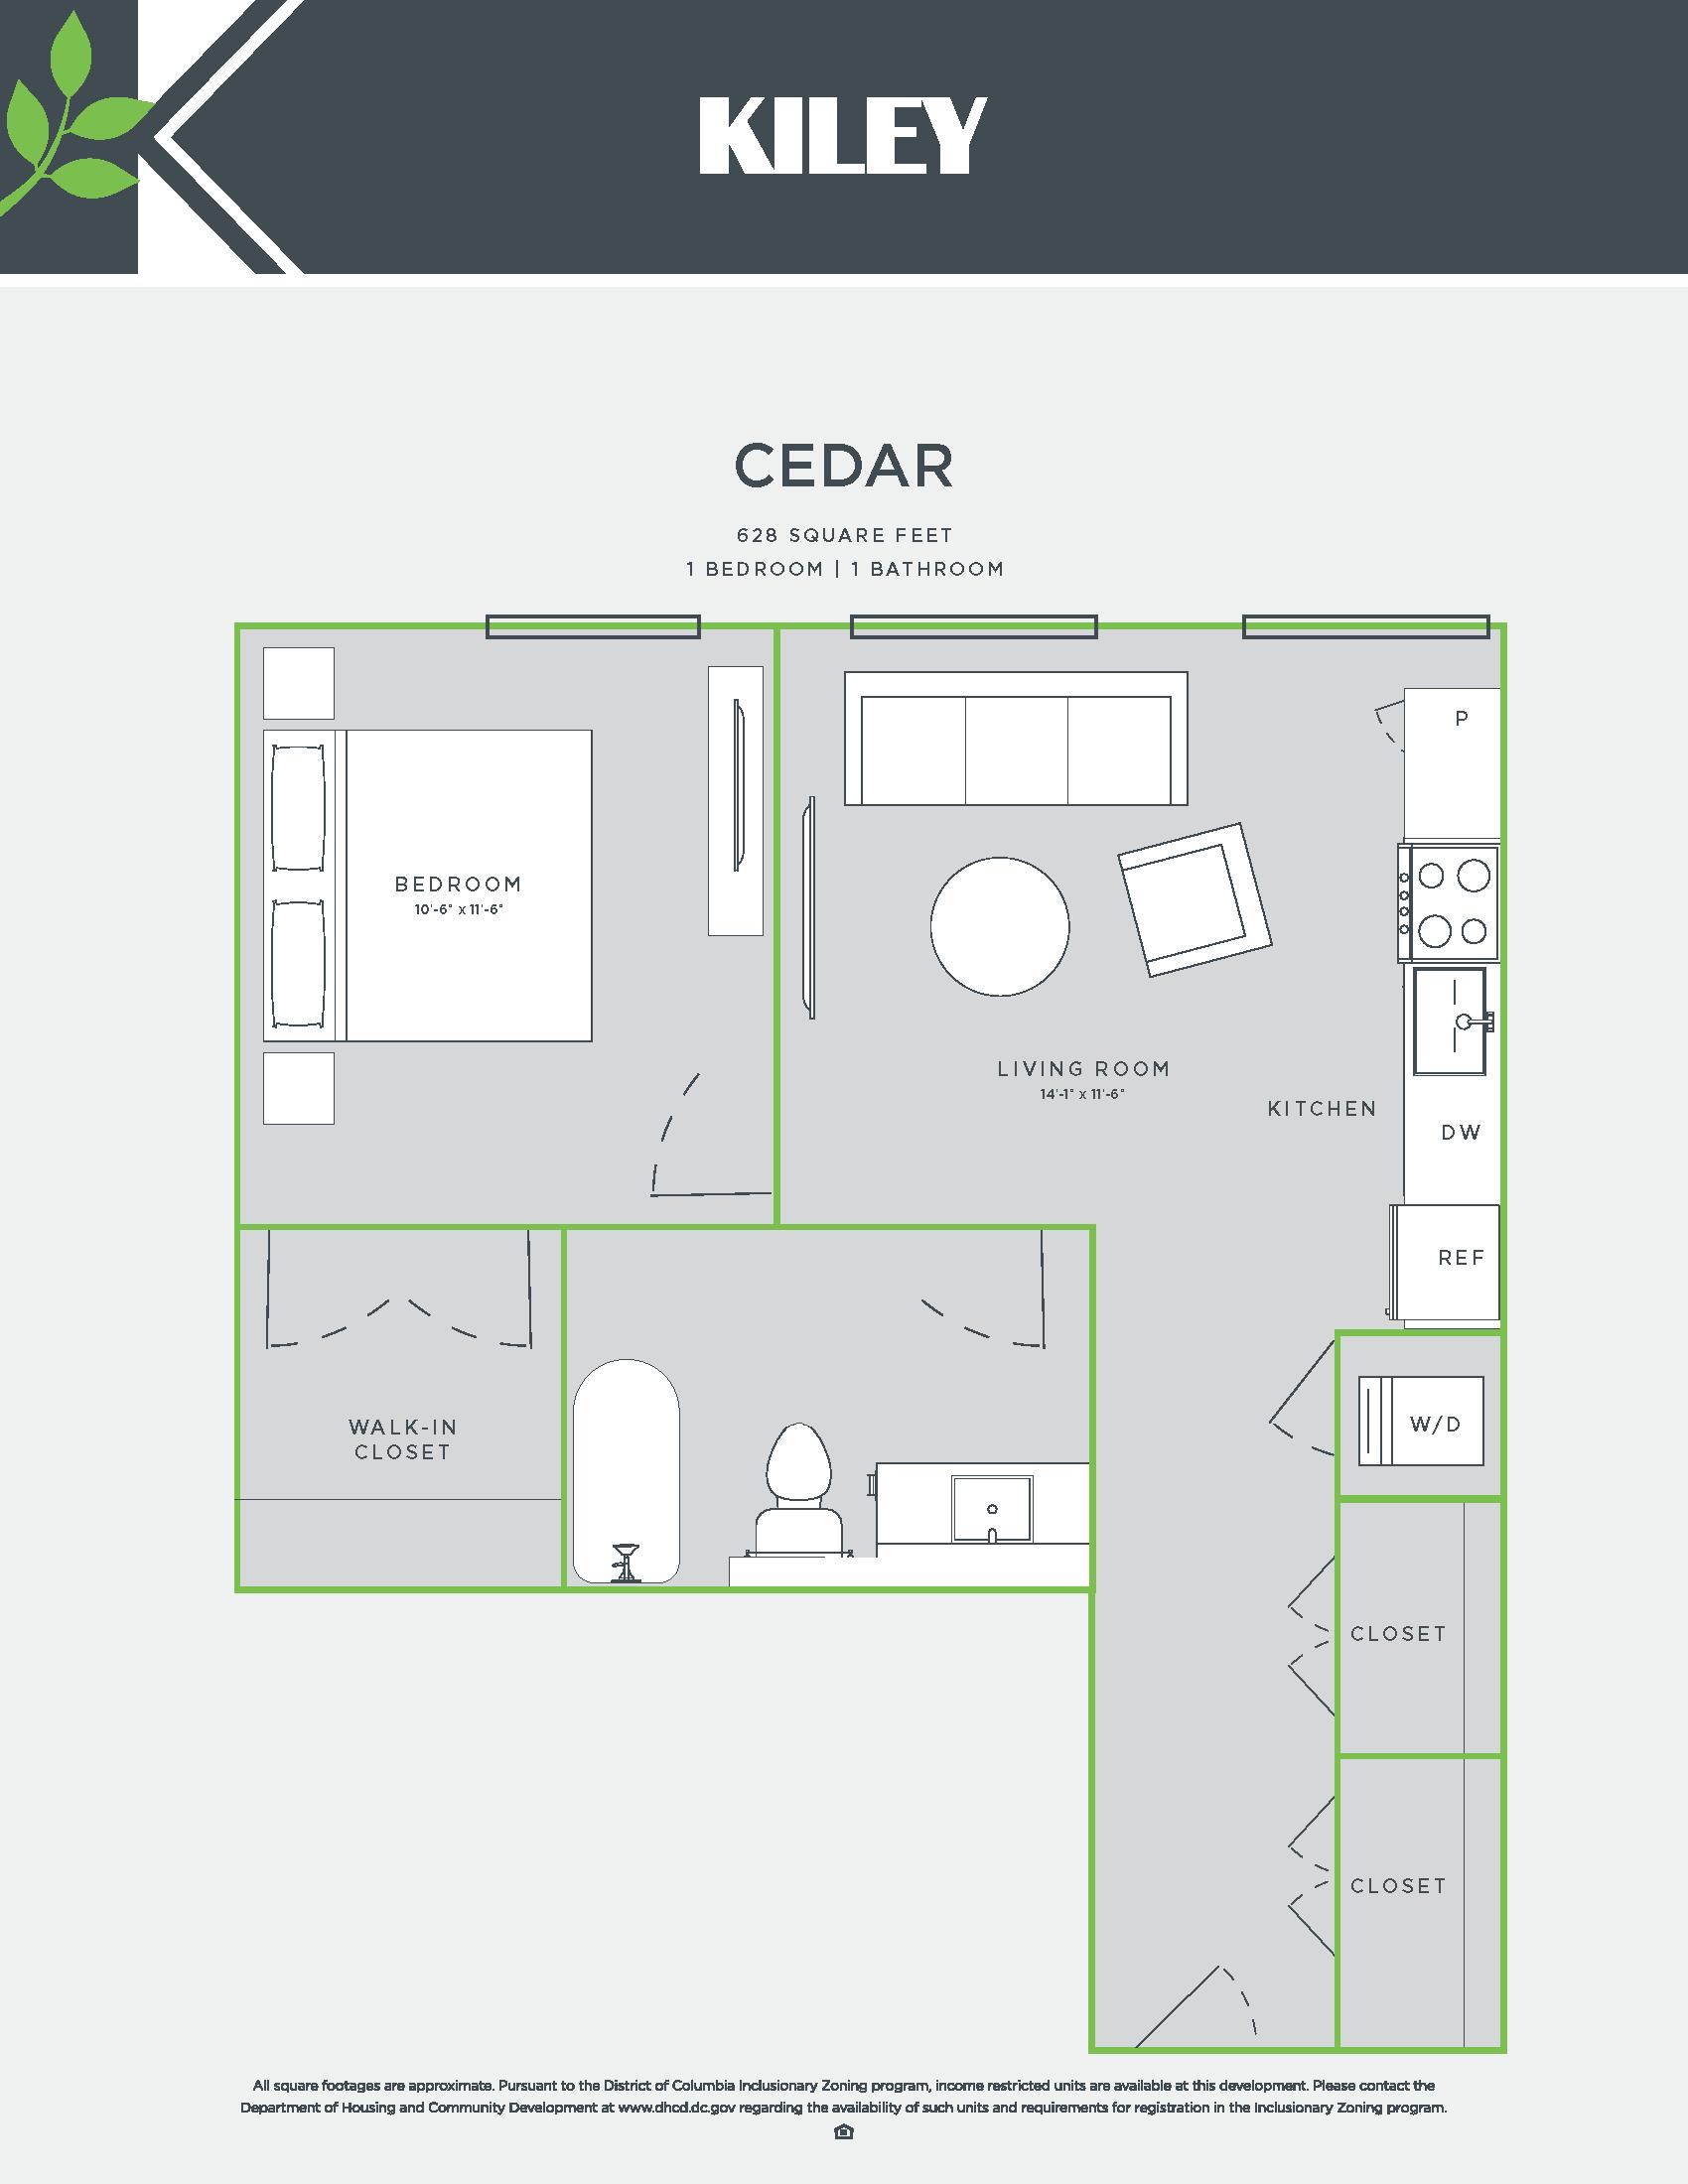 Cedar (1 bed /1 bath) Floor Plan